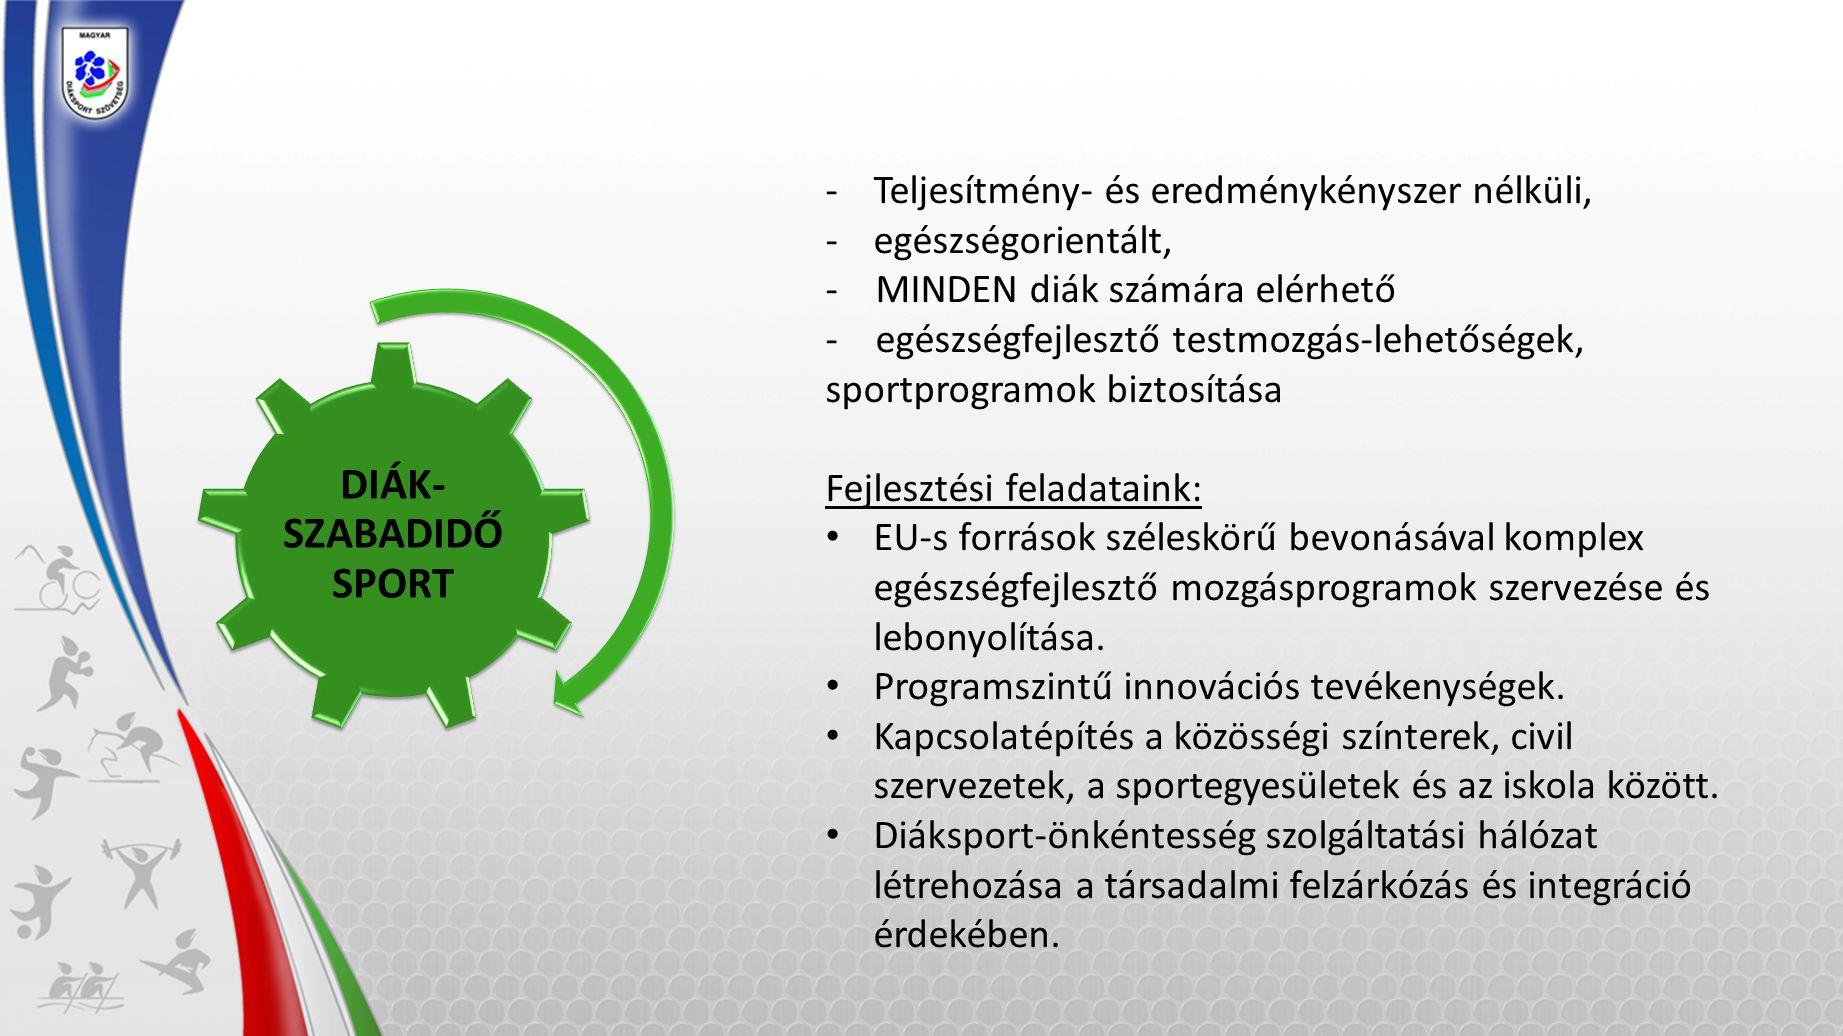 -Teljesítmény- és eredménykényszer nélküli, -egészségorientált, - MINDEN diák számára elérhető - egészségfejlesztő testmozgás-lehetőségek, sportprogramok biztosítása Fejlesztési feladataink: • EU-s források széleskörű bevonásával komplex egészségfejlesztő mozgásprogramok szervezése és lebonyolítása.